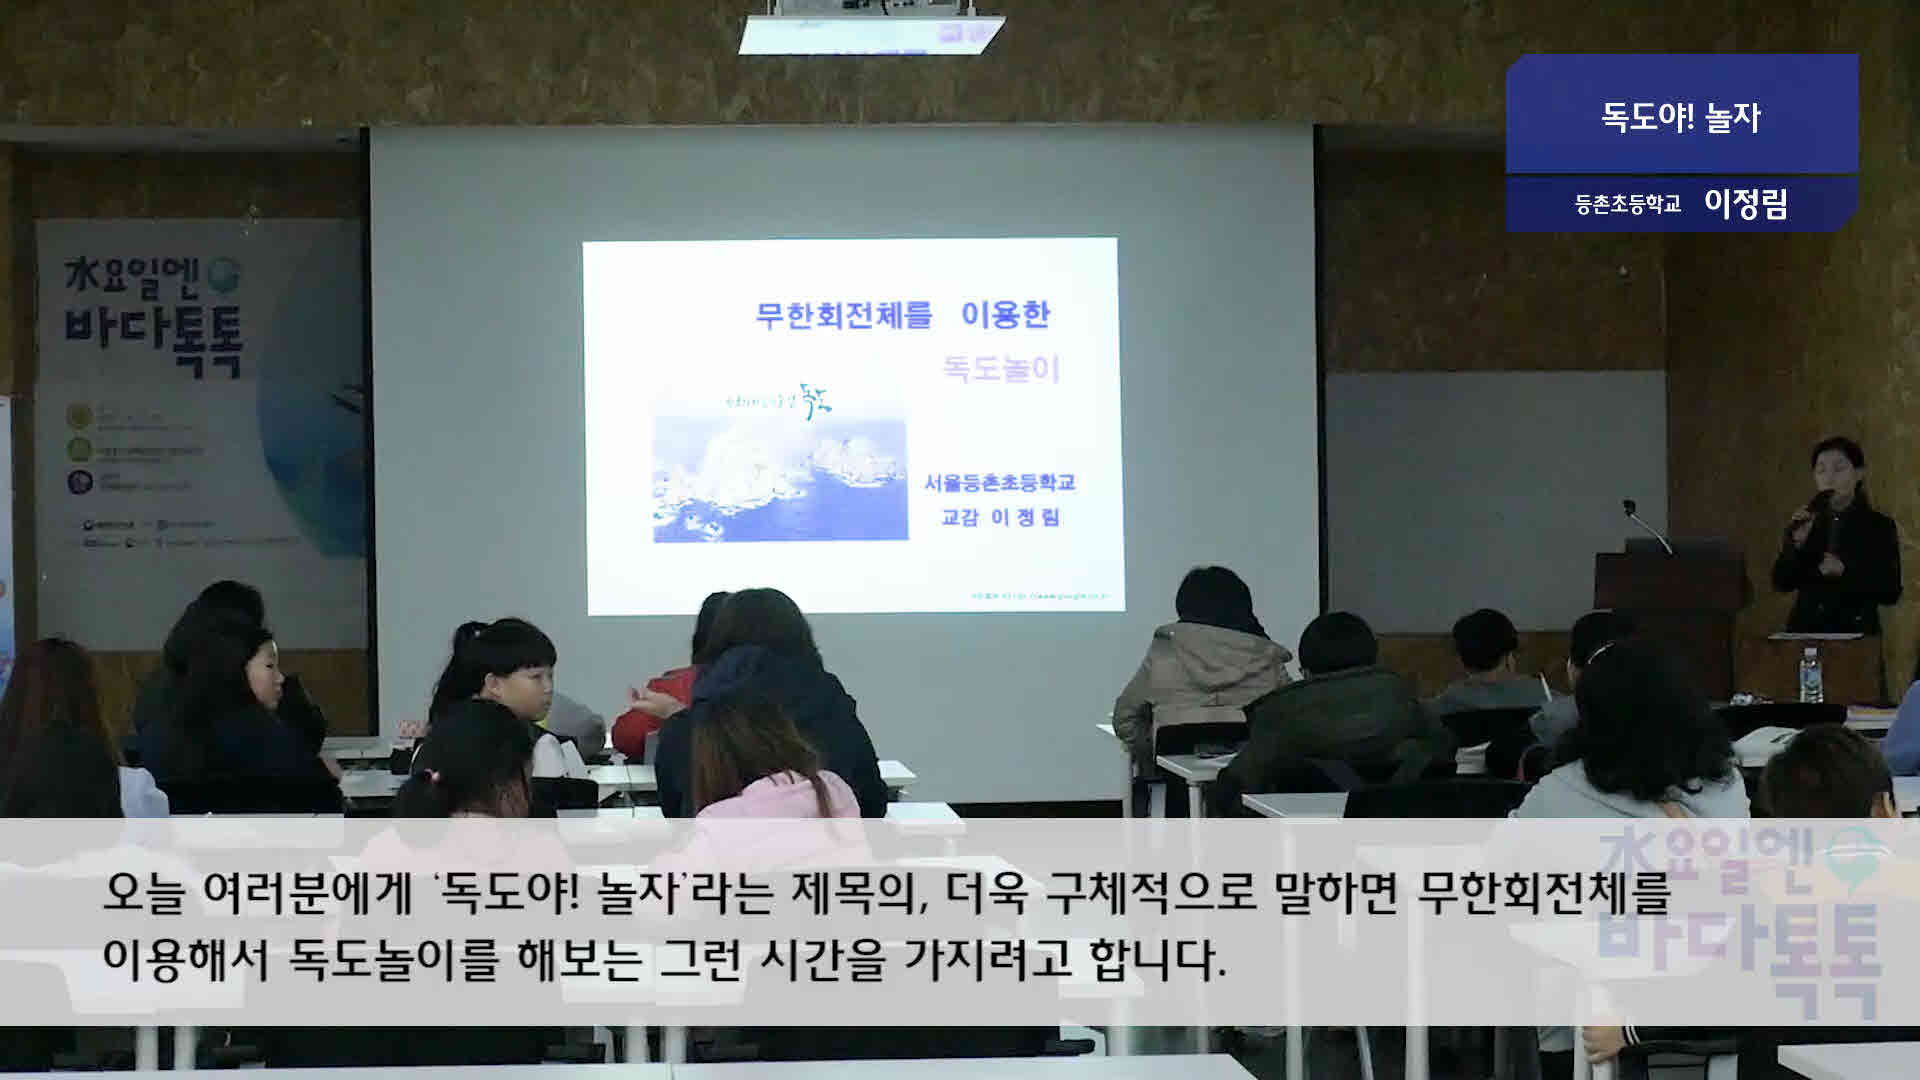 서울 13회 도입강연